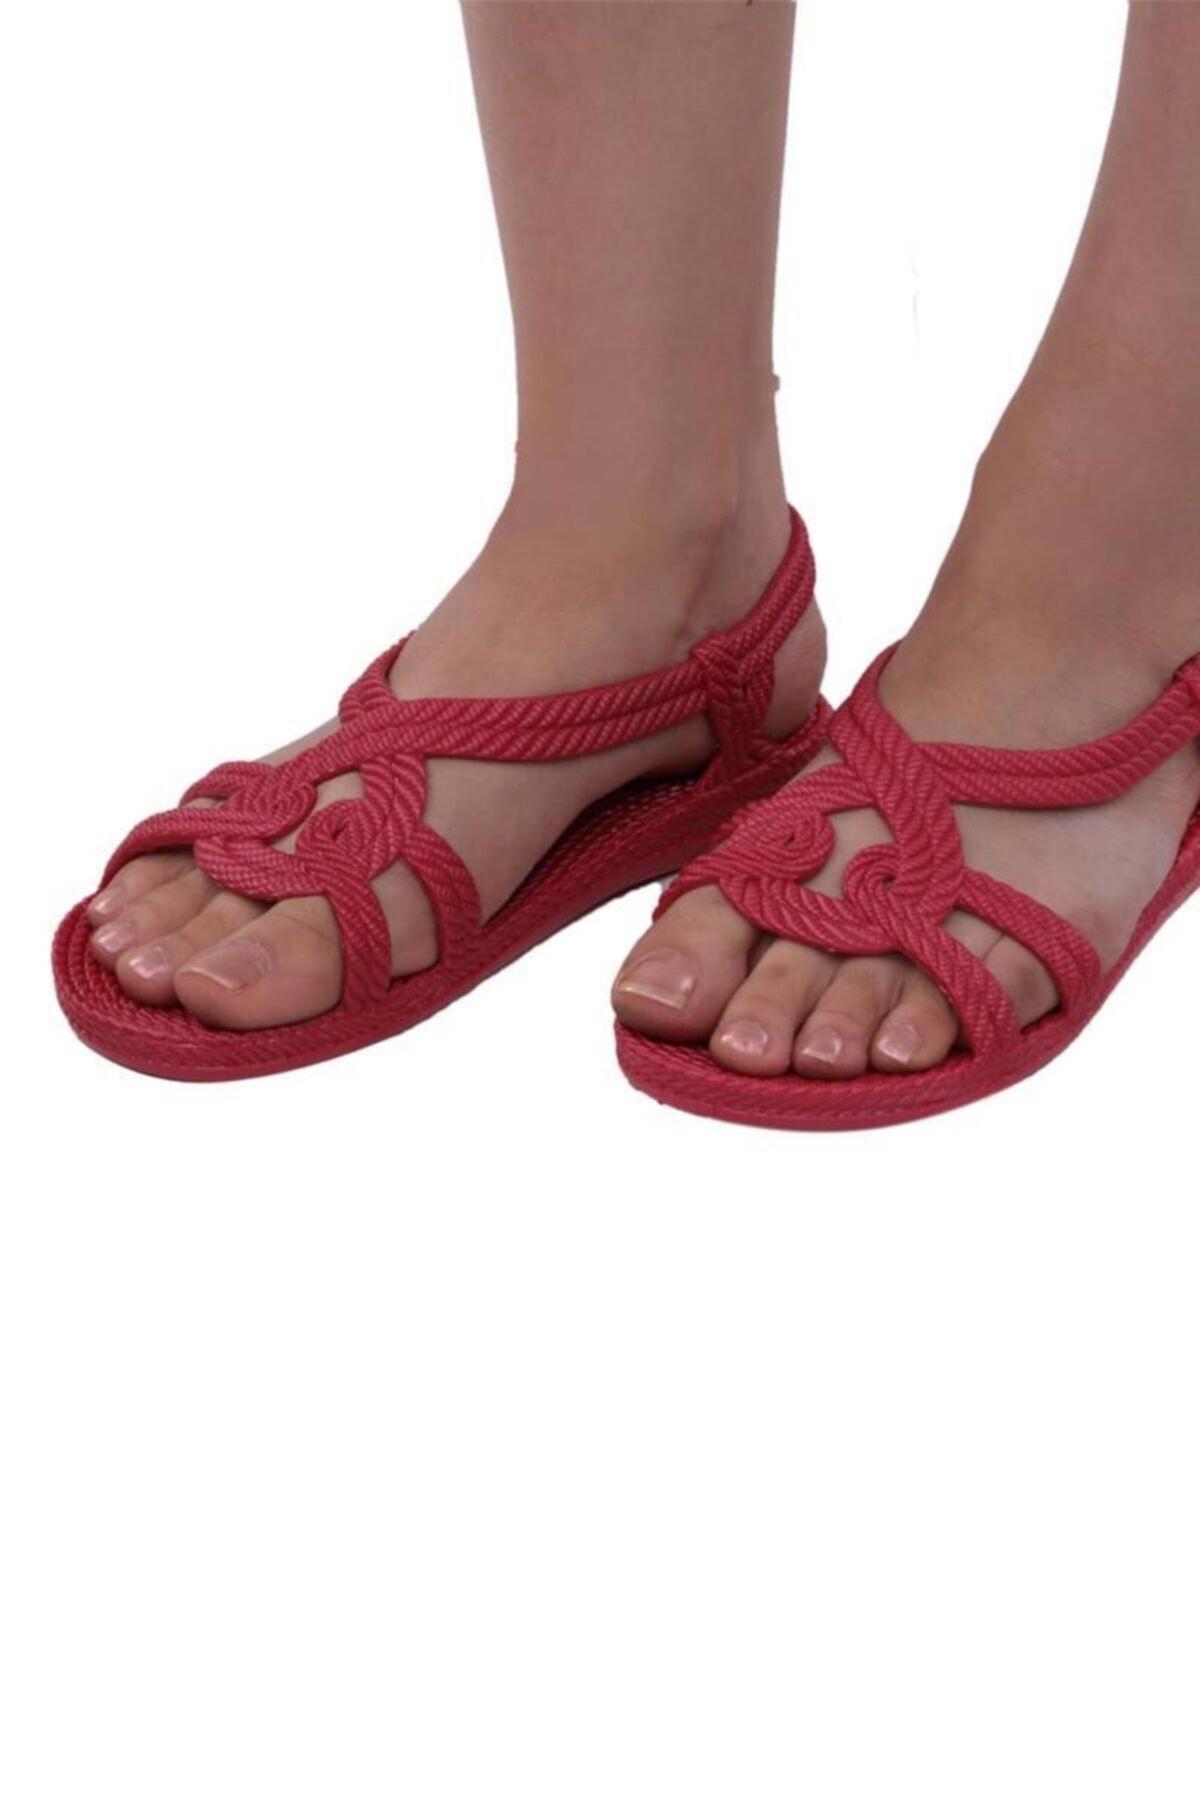 KAŞGAR Kadın Kırmızı Örgü Desenli Sandalet 1836